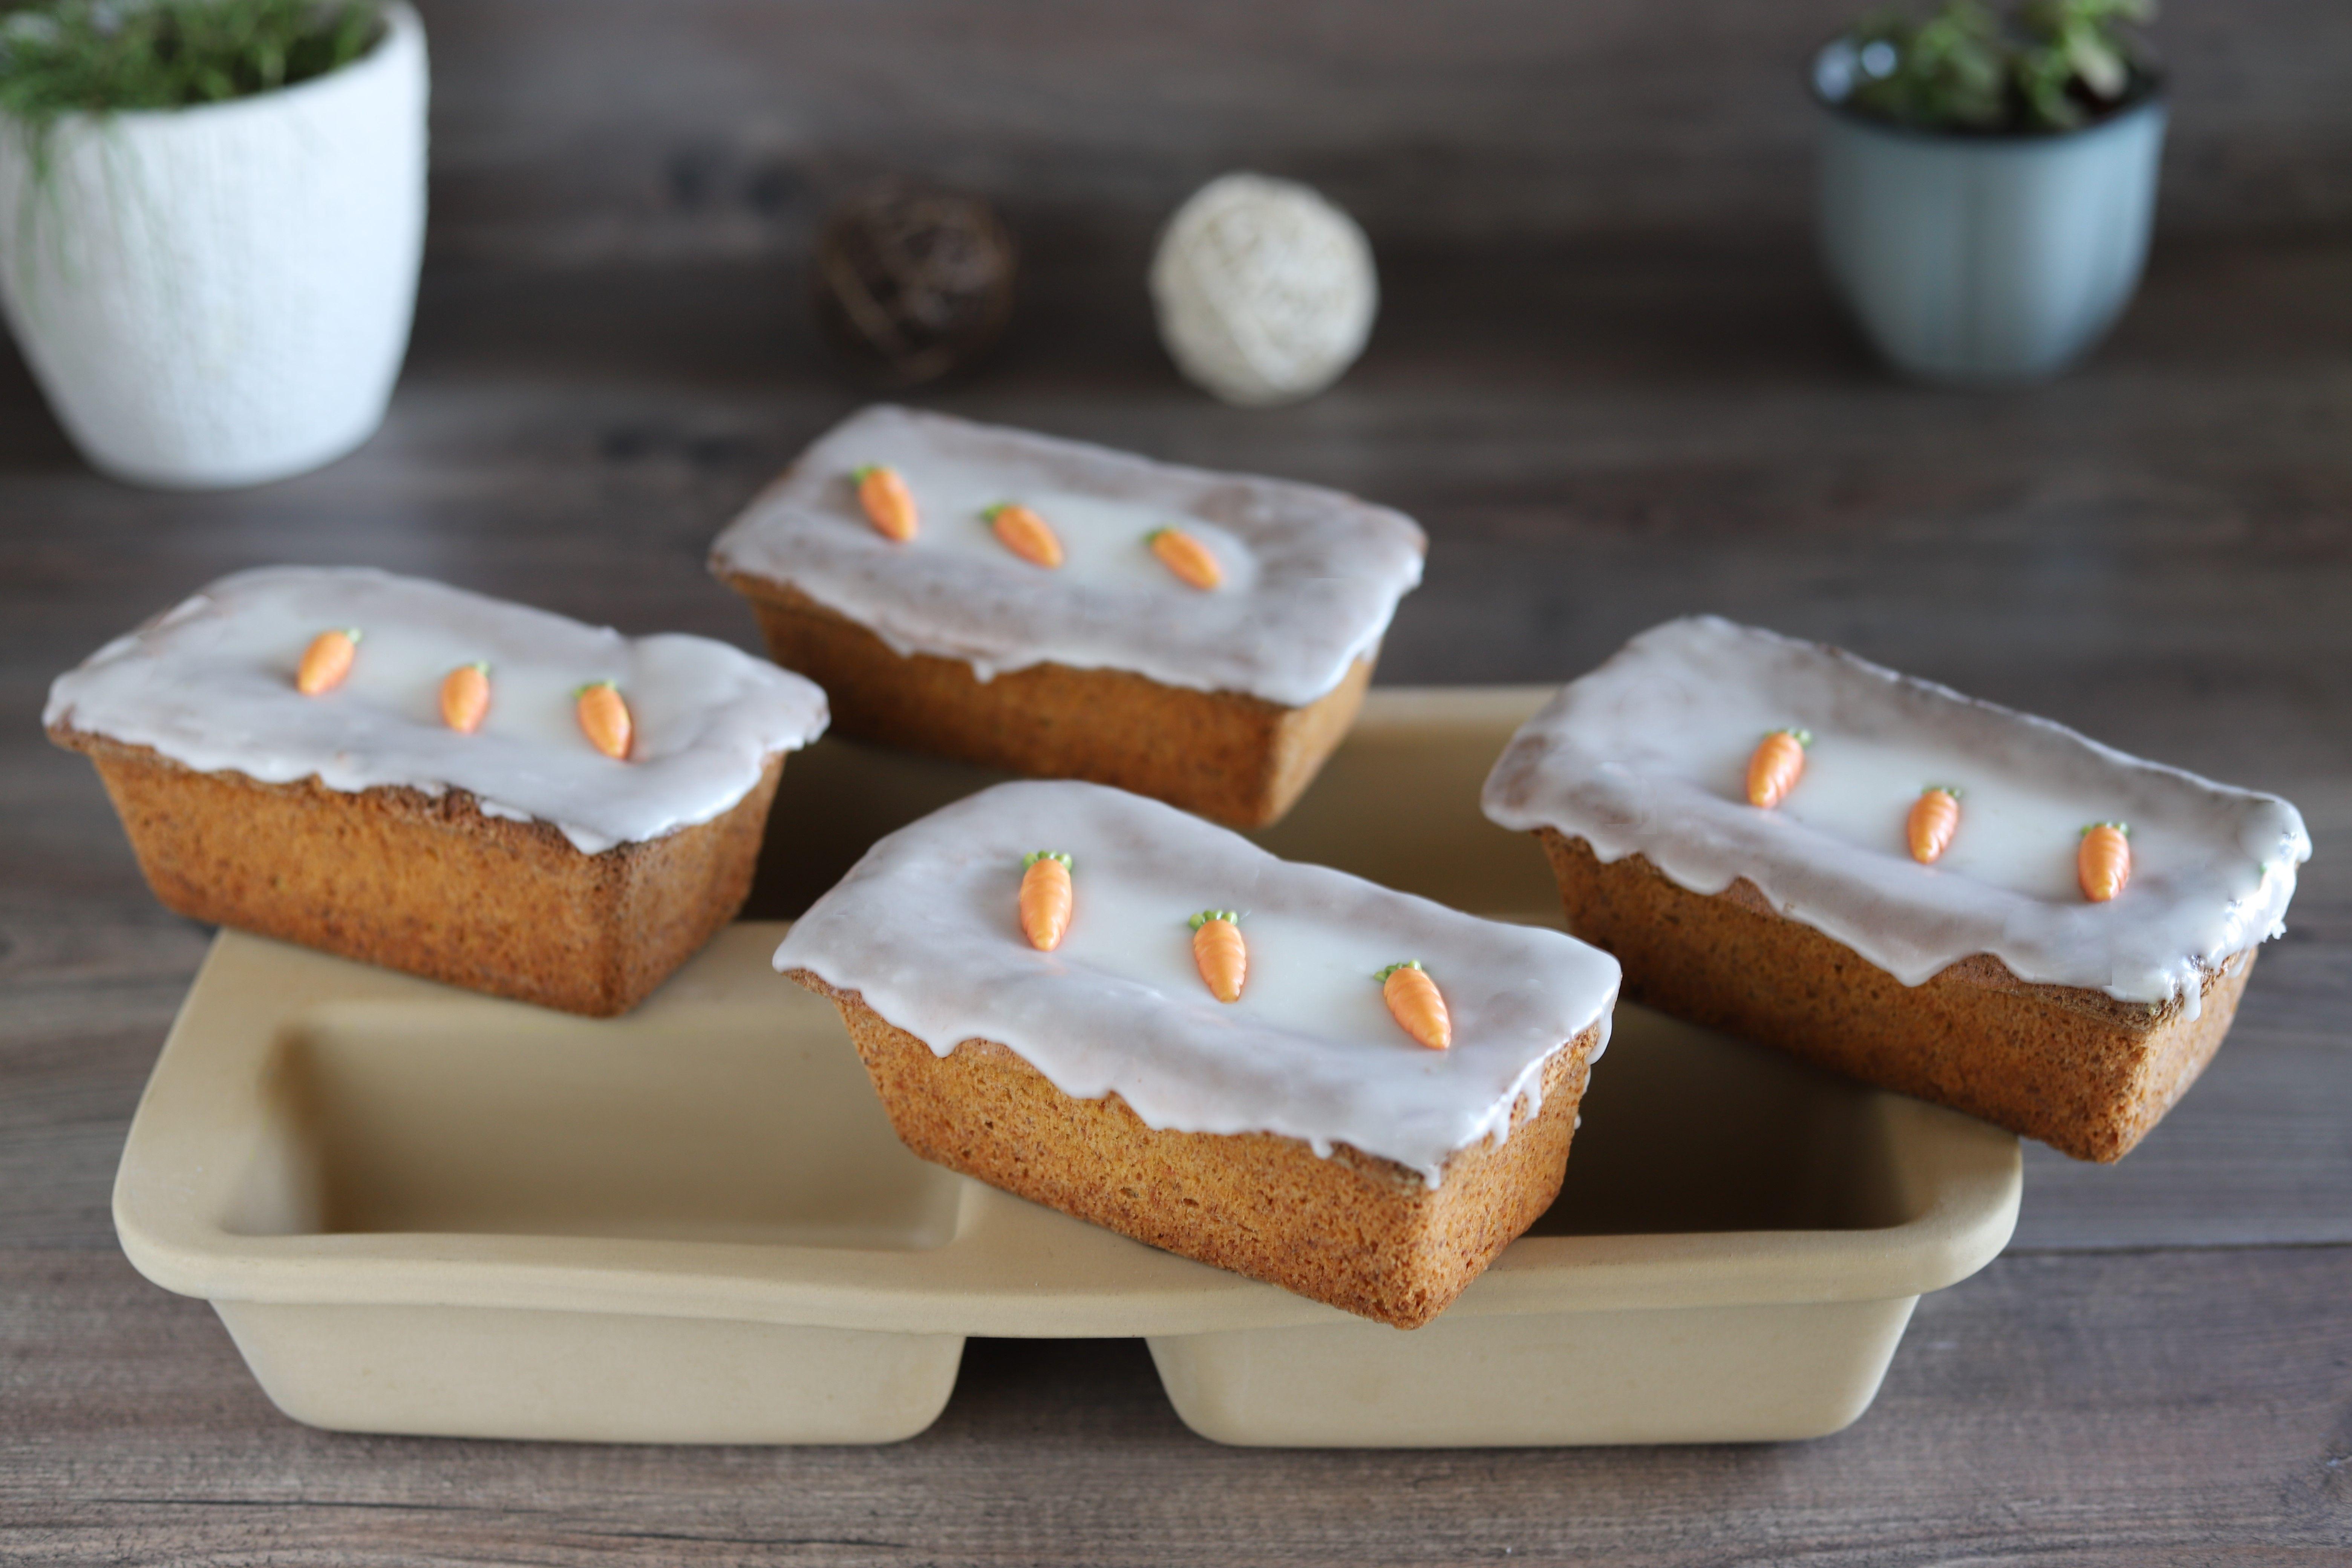 Karottenkuchlein In Der Mini Kastenform Von Pampered Chef In 2020 Kuchen Und Torten Rezepte Kuchen Und Torten Brot Selber Backen Rezept